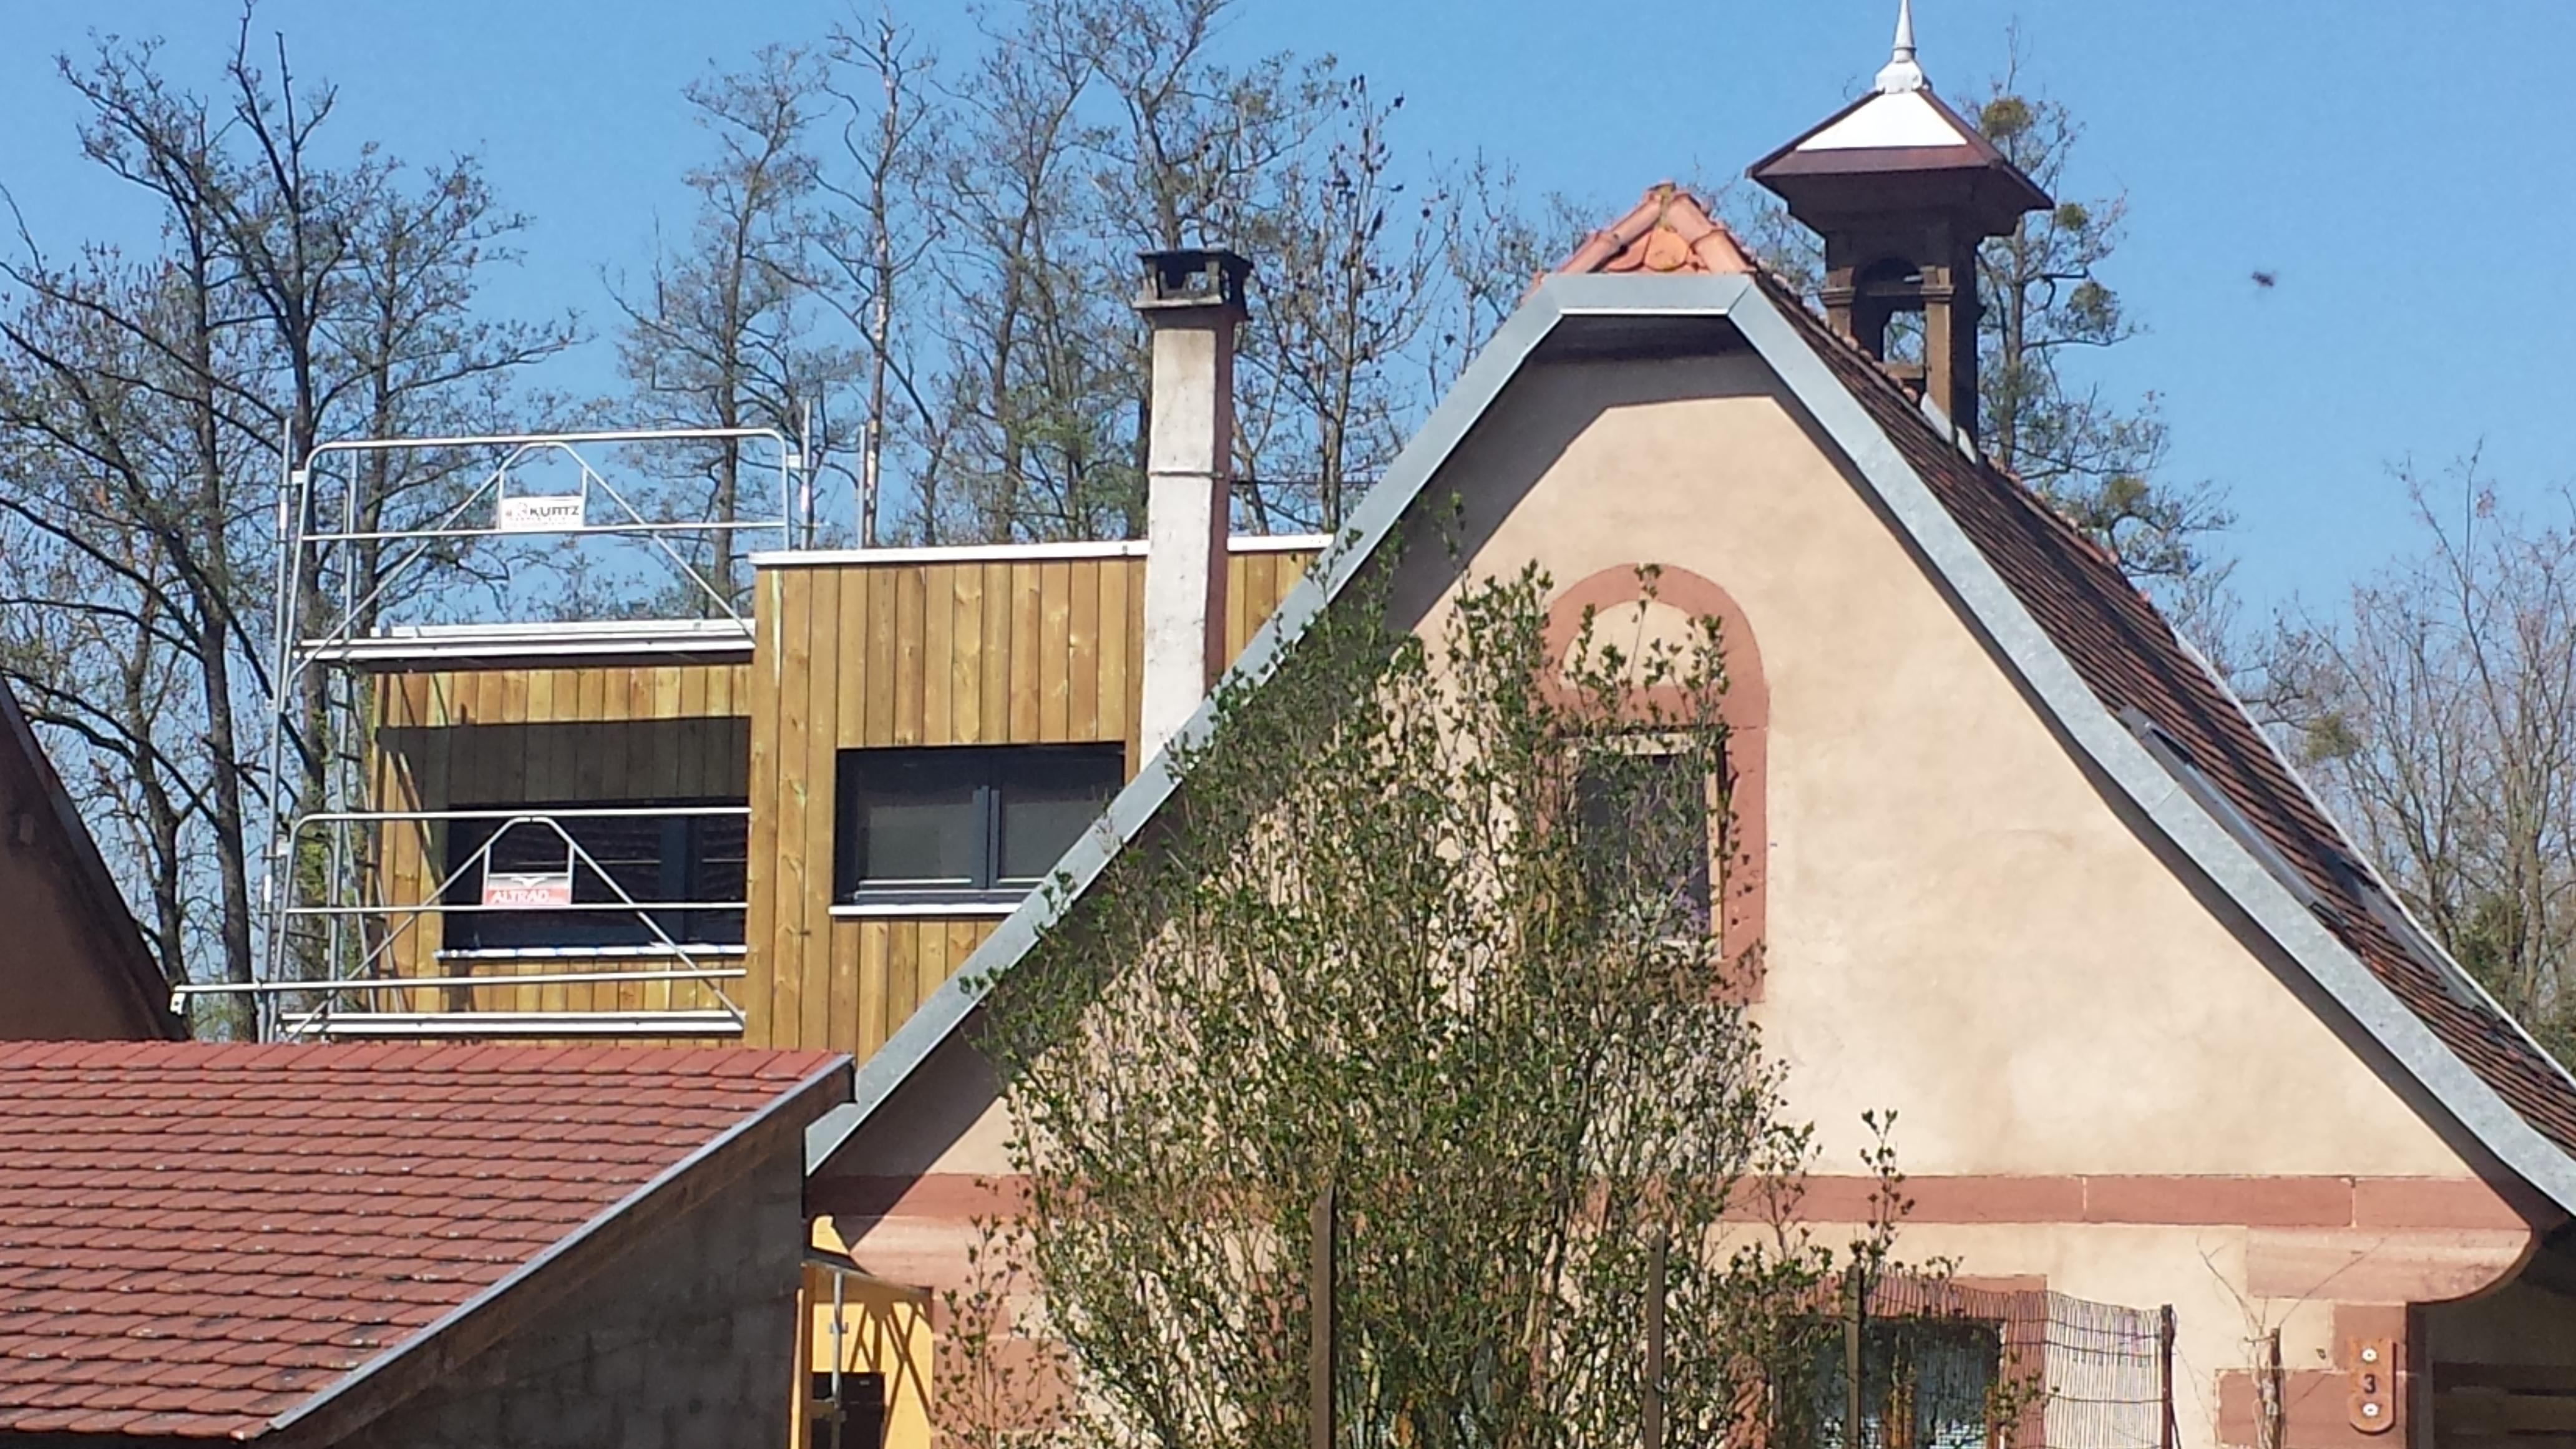 Extension2 maisons k constructeur de maisons ou for Constructeur de maison 67